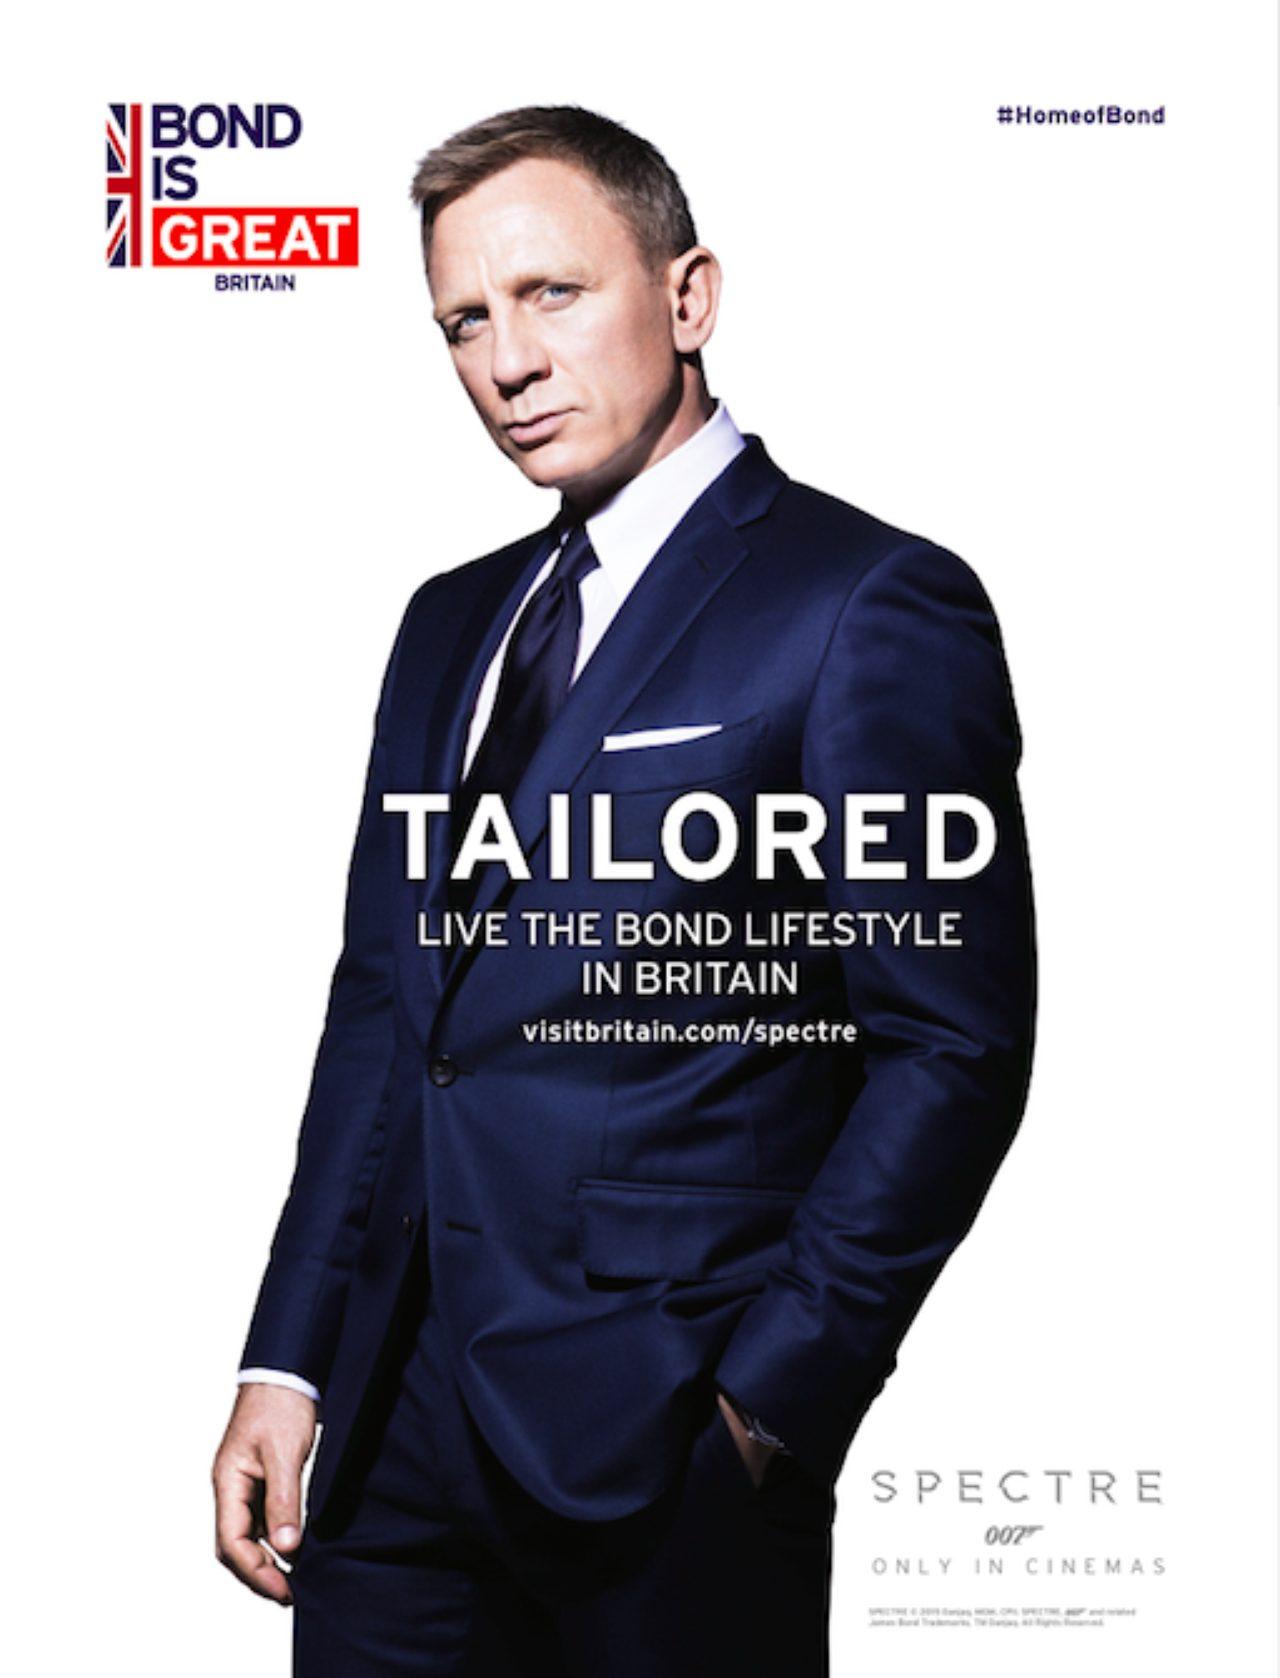 画像3: キャンペーン専用ページ VisitBritain.com/spectre で『007 スペクター』の舞台裏の映像を紹介し、さらに「Bond is GREAT」の画像も新たに公開!